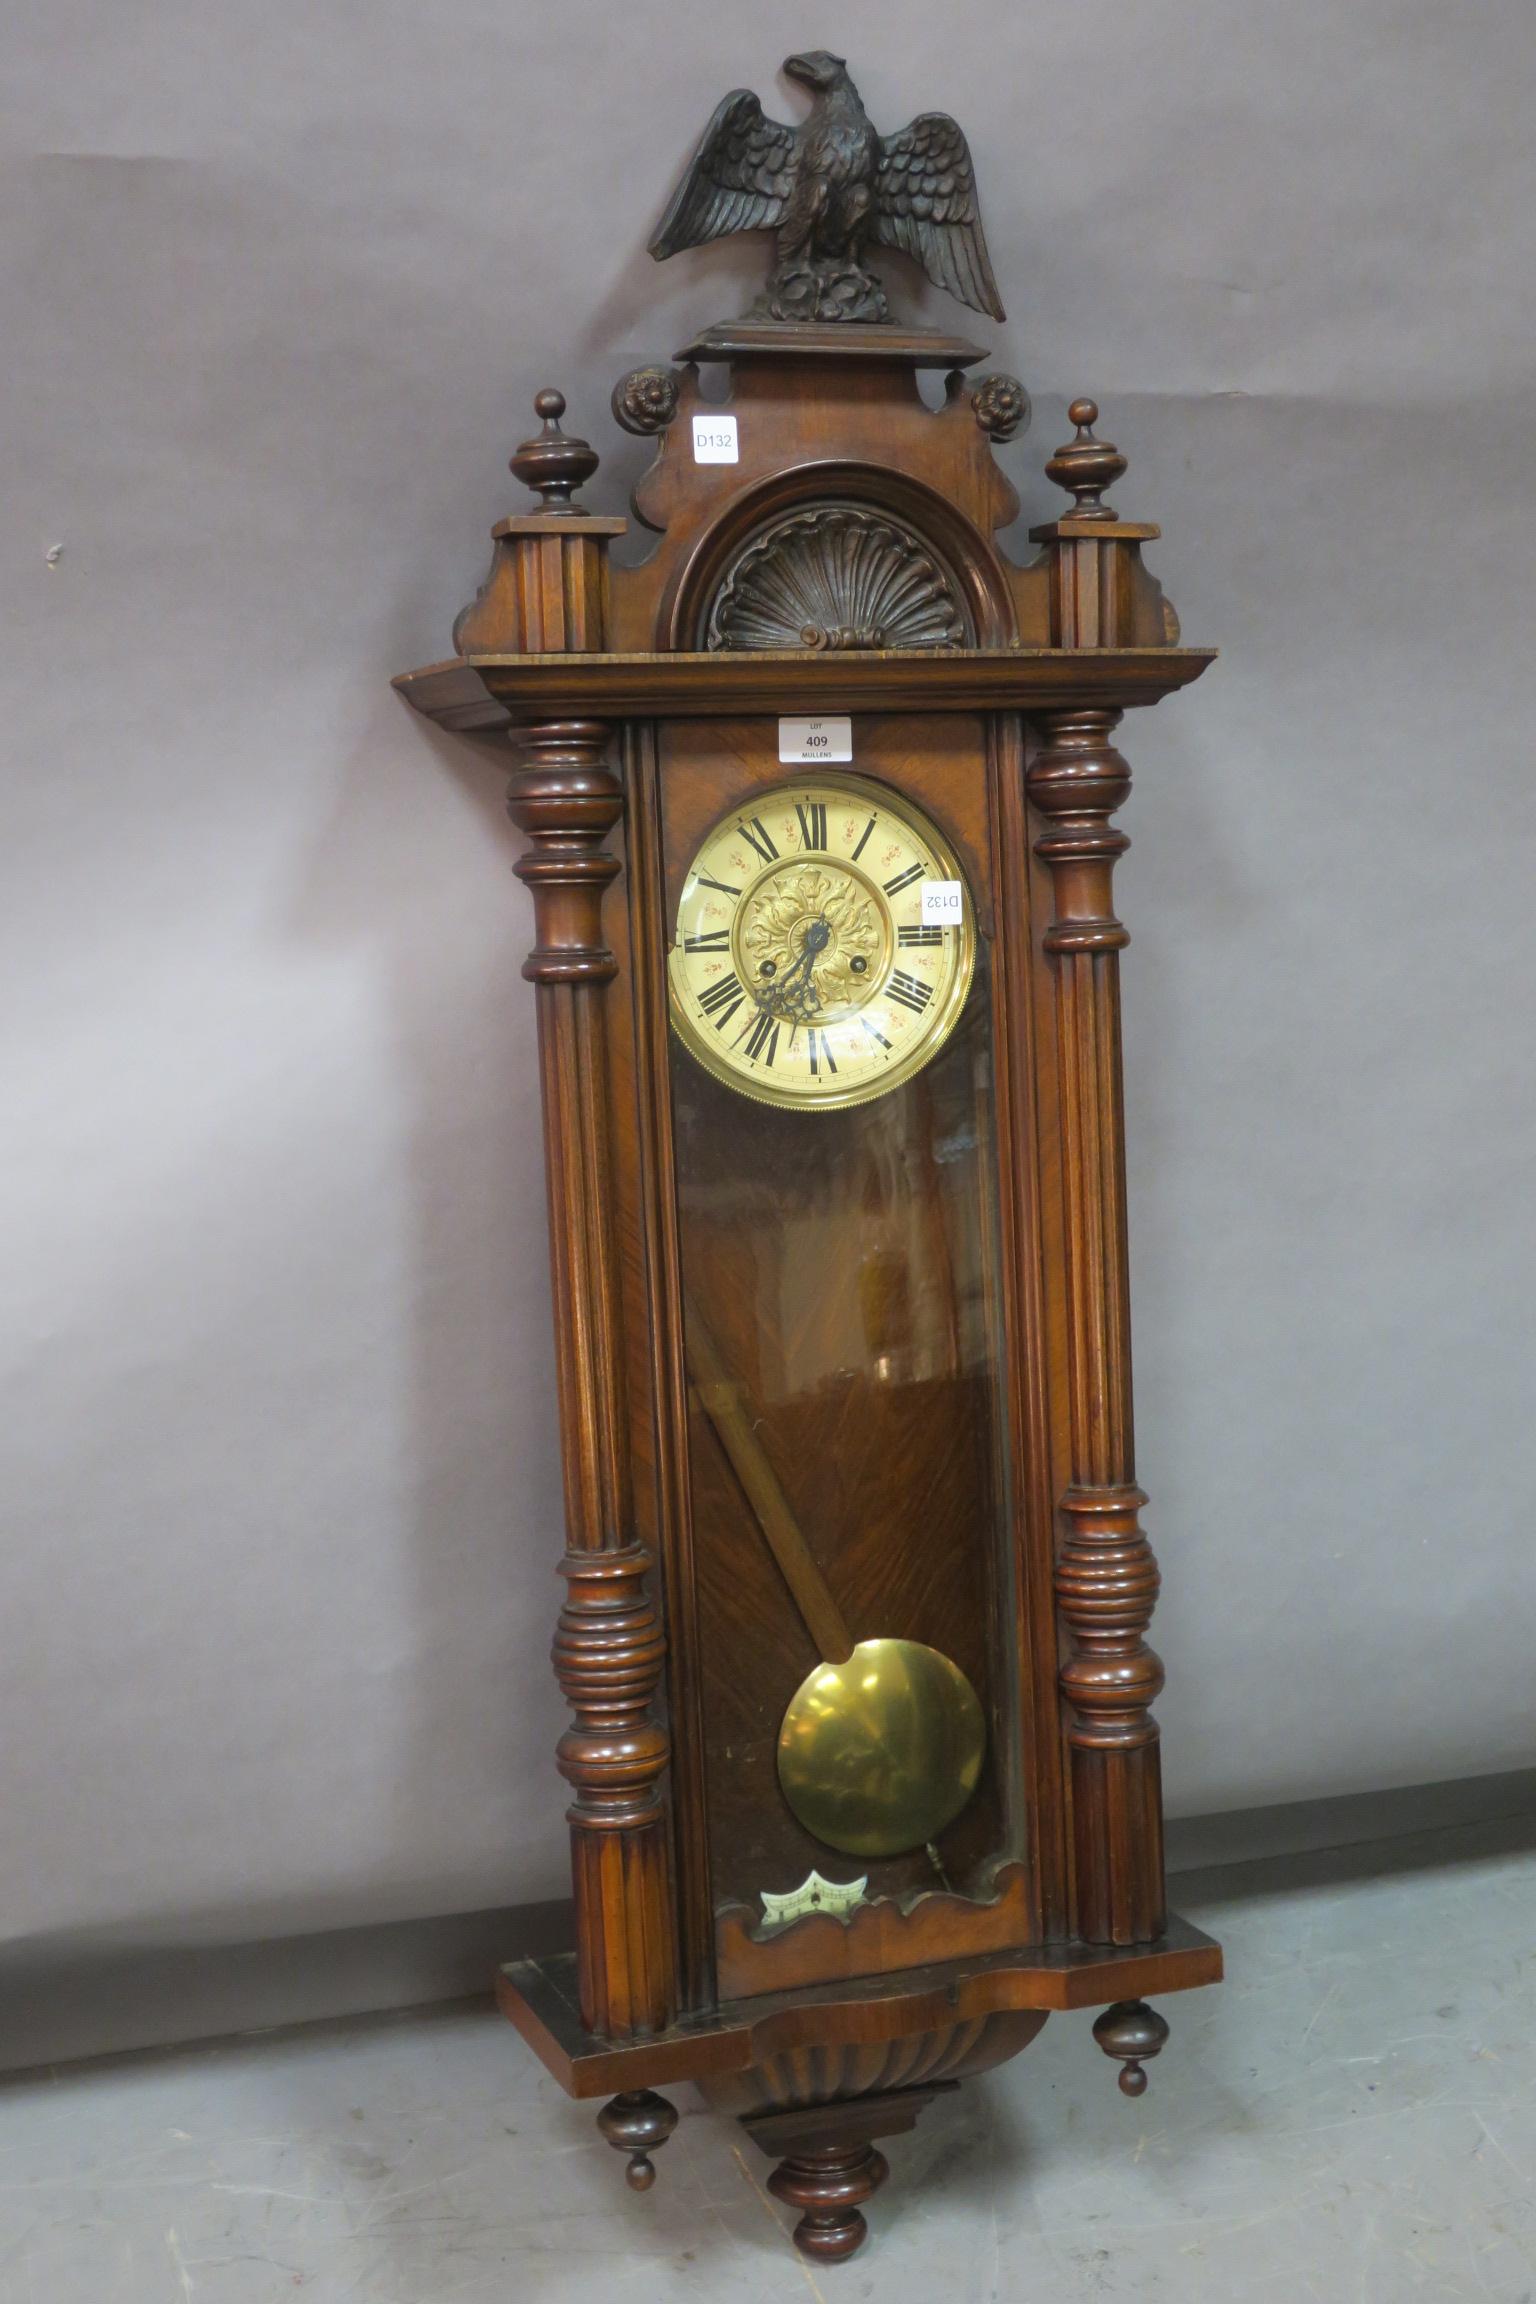 Lot 248 - A FINE 19th CENTURY KINGWOOD AND MAHOGANY CASED VIENNA WALL CLOCK,